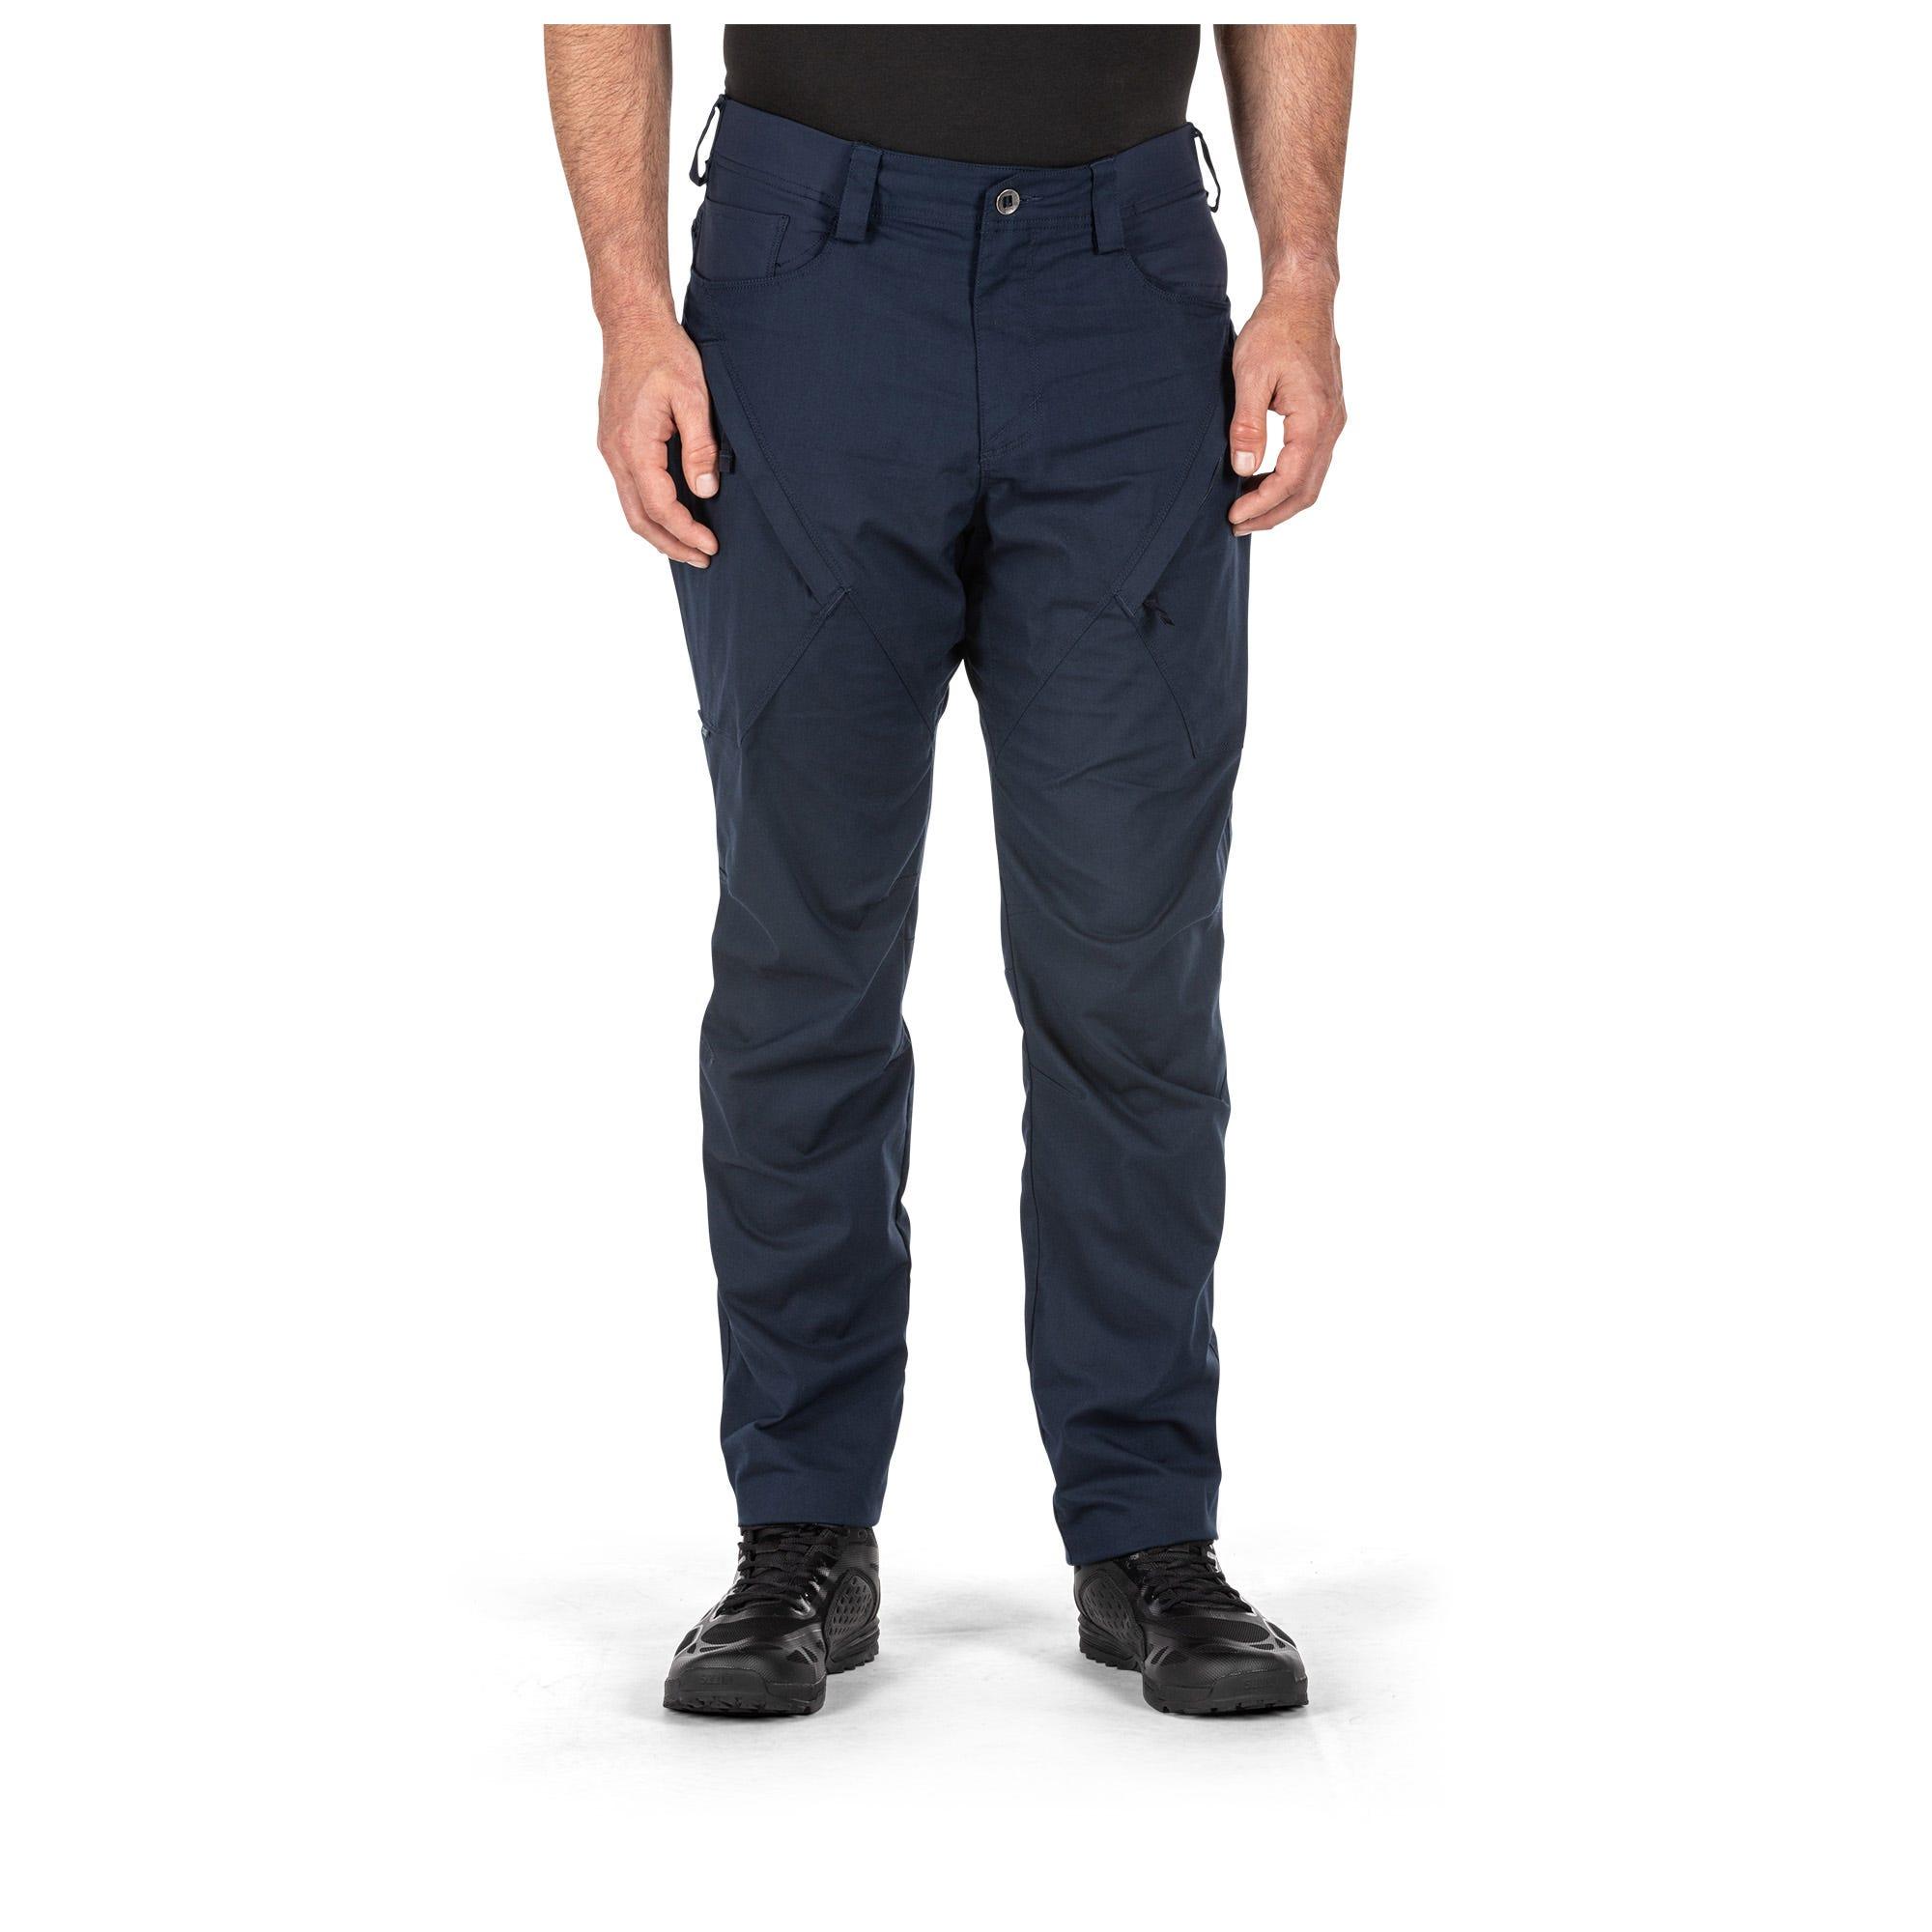 5.11 Tactical Men Capital Pant, Size 30/34 (Cargo Pant)